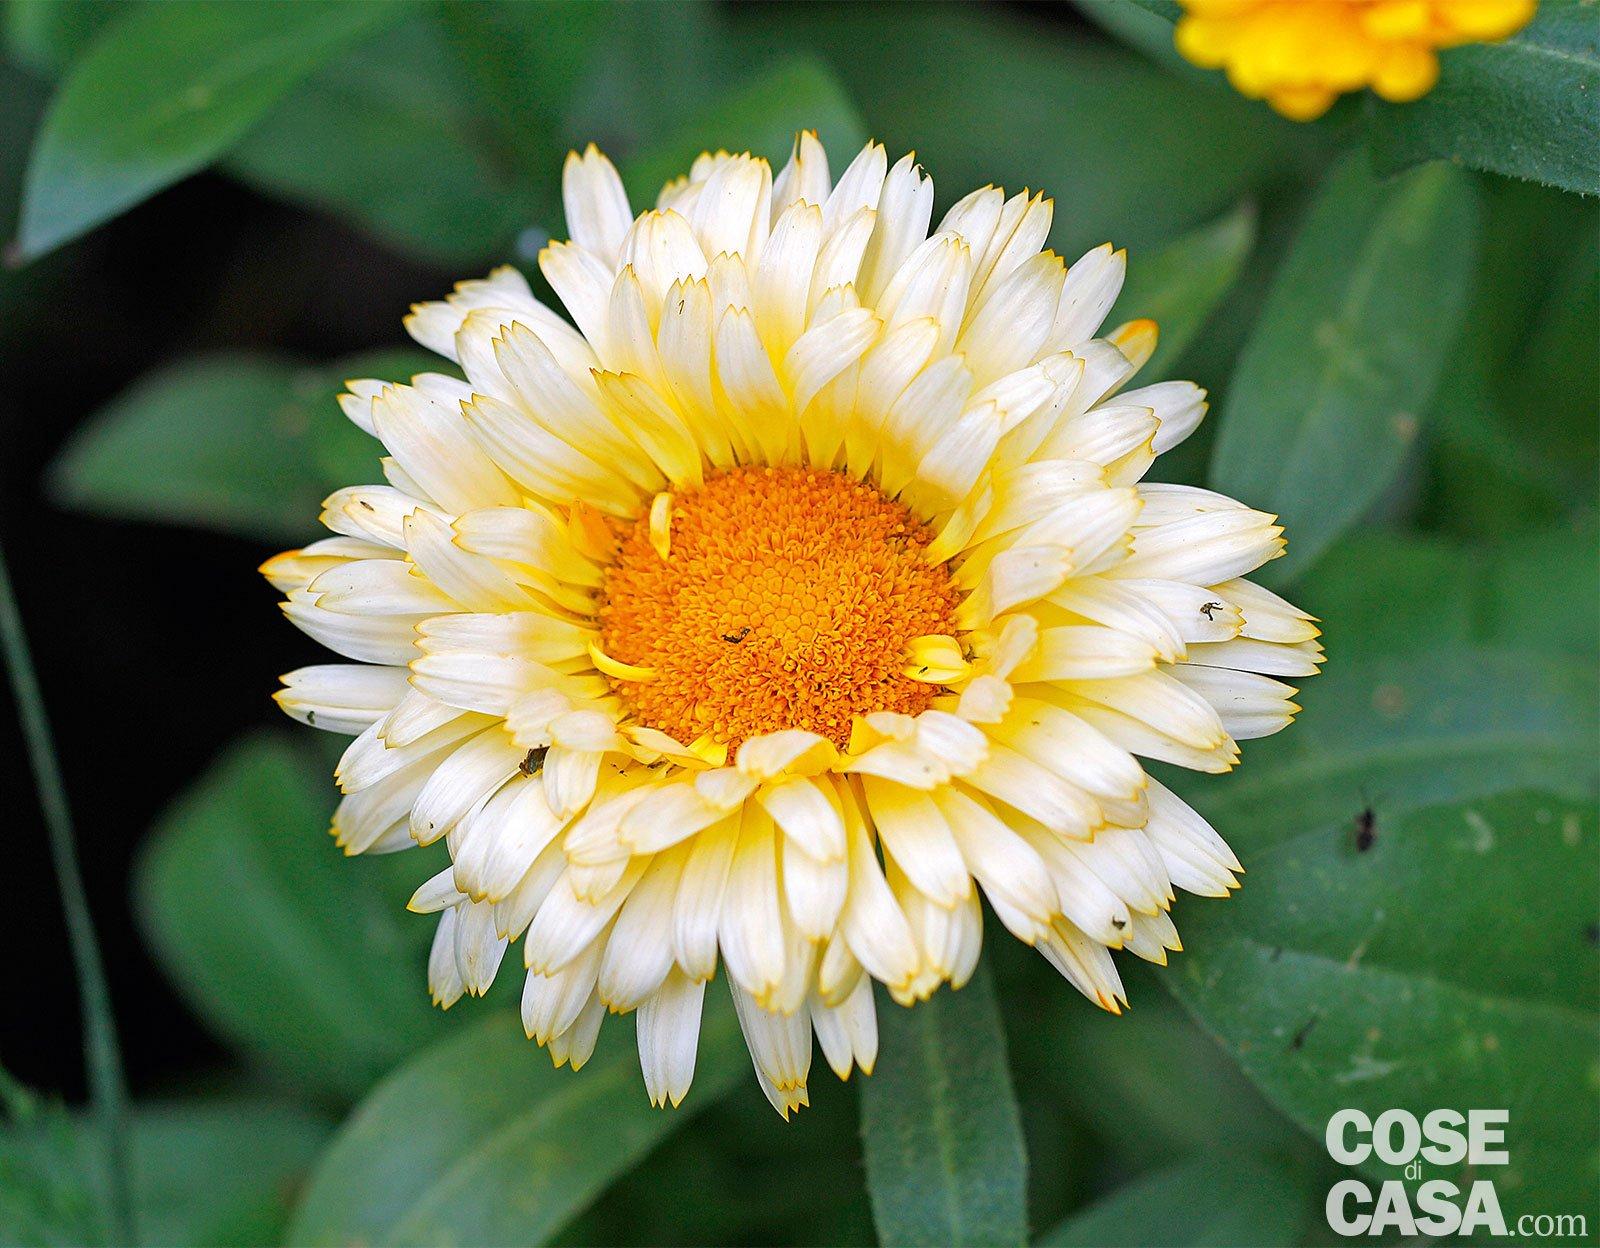 Vivaio Margine Rosso : Le piante fiorite più belle da acquistare adesso cose di casa